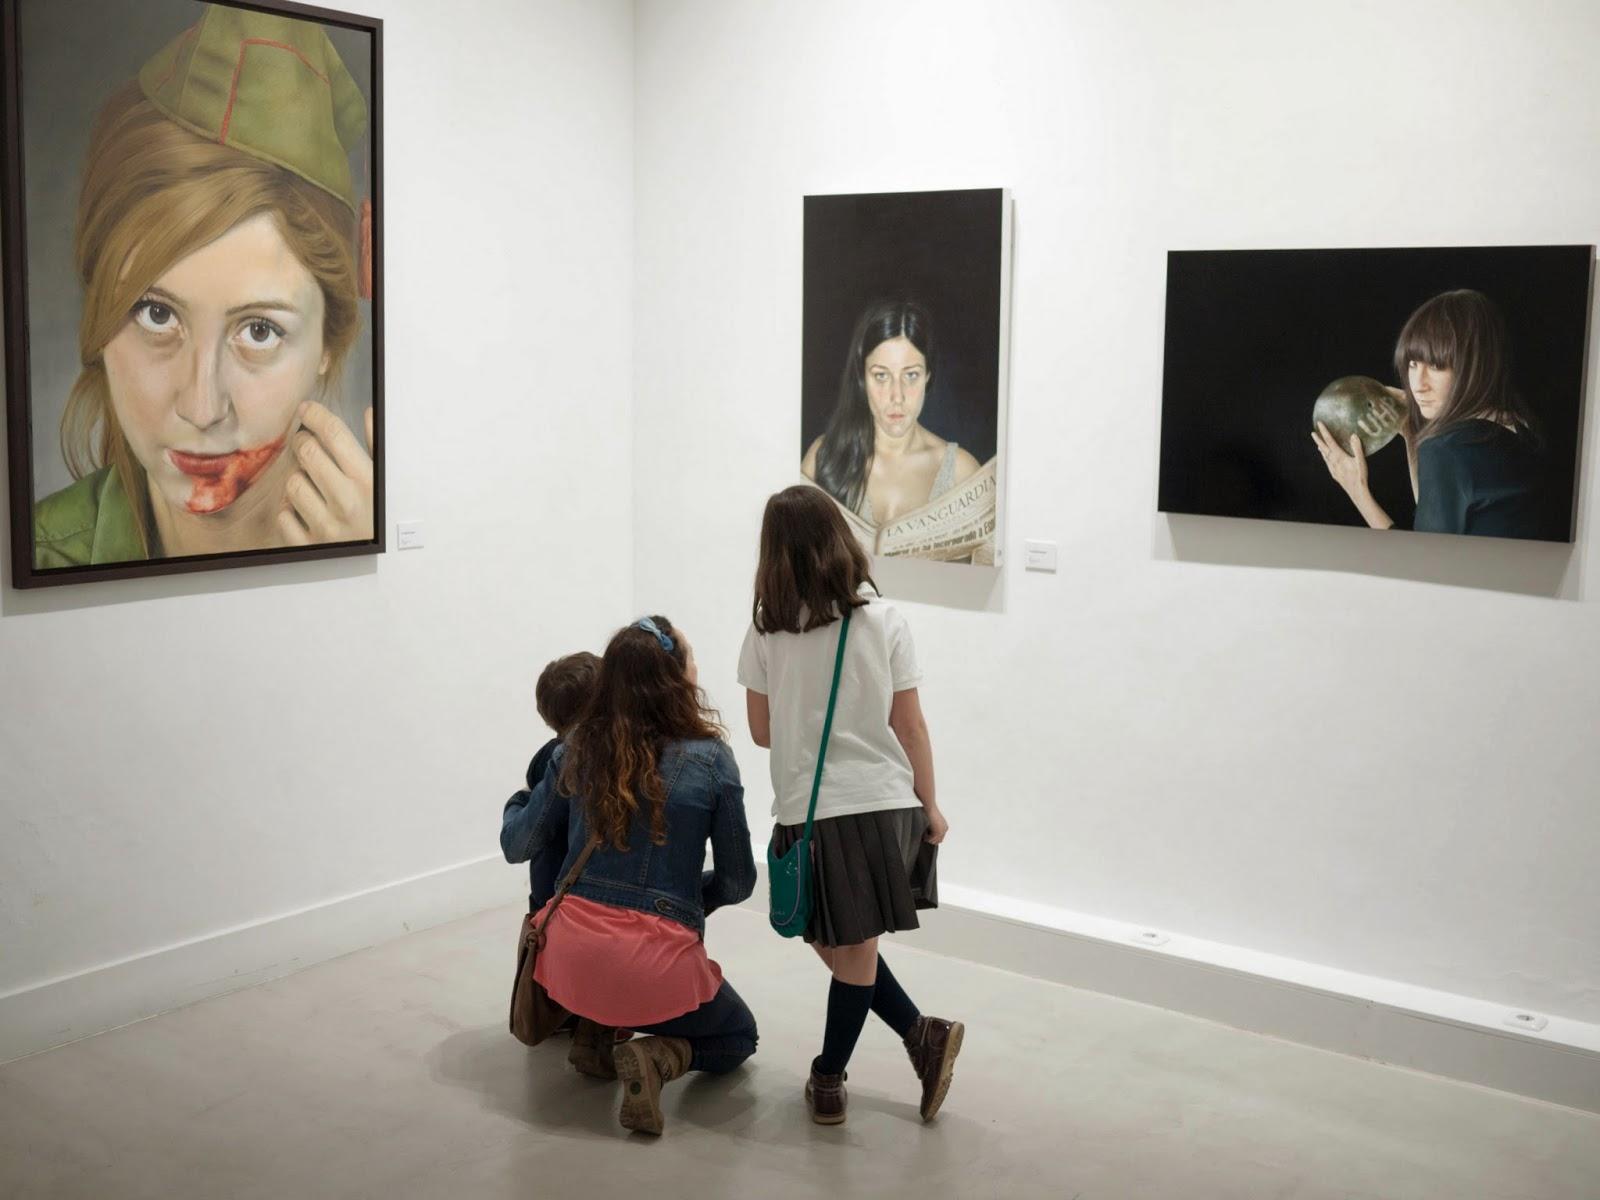 Mujer con dos niños mirando cuadros de exposición de pintura